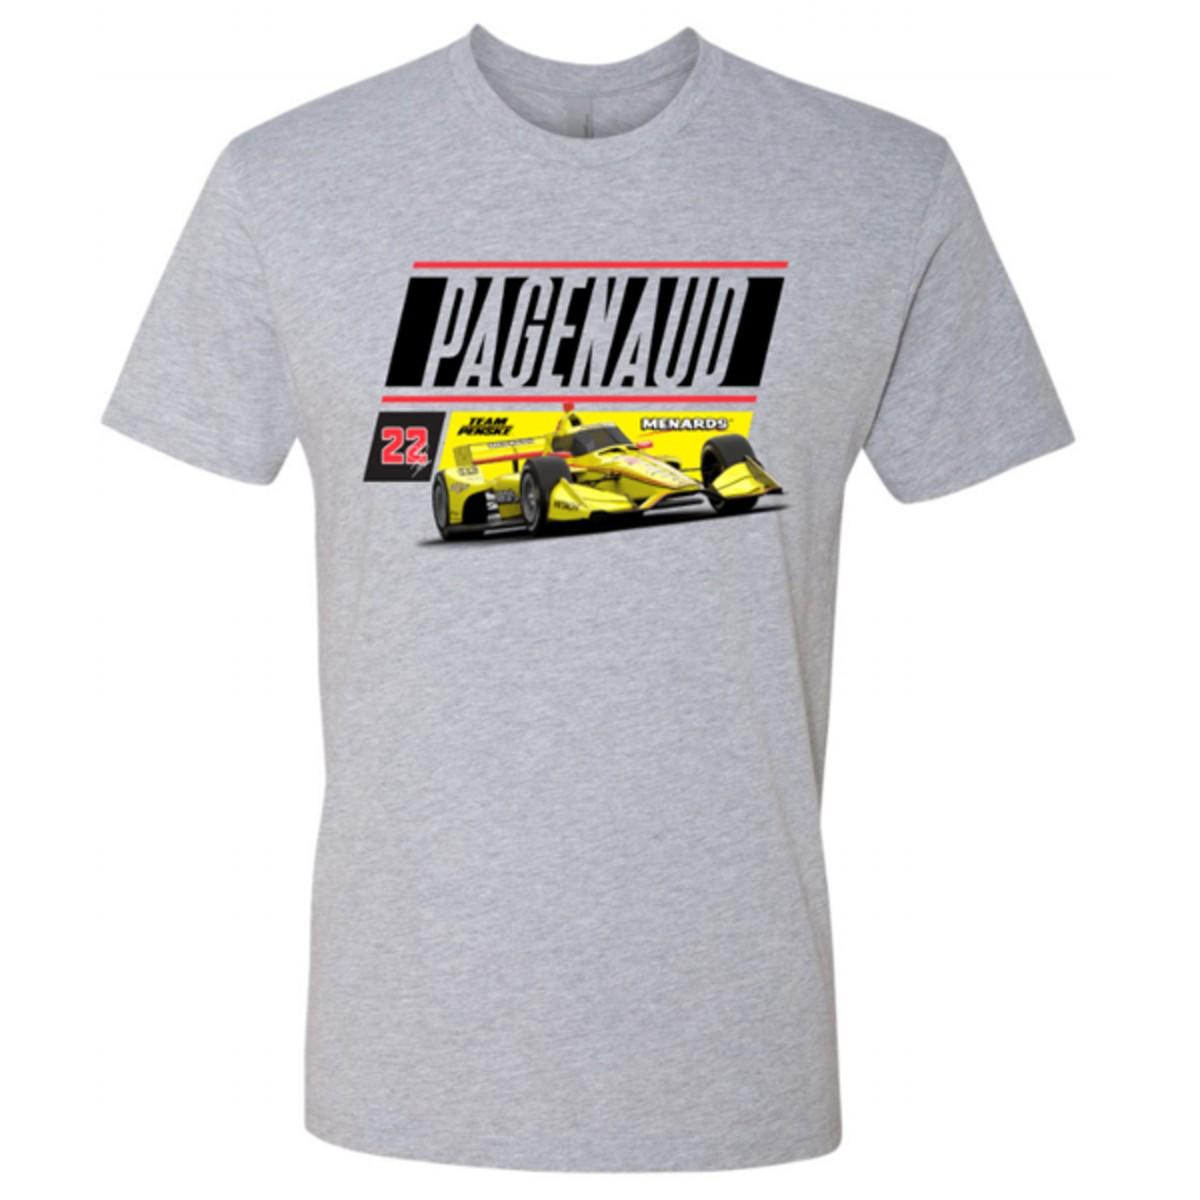 Simon Pagenaud Menards Car T-shirt